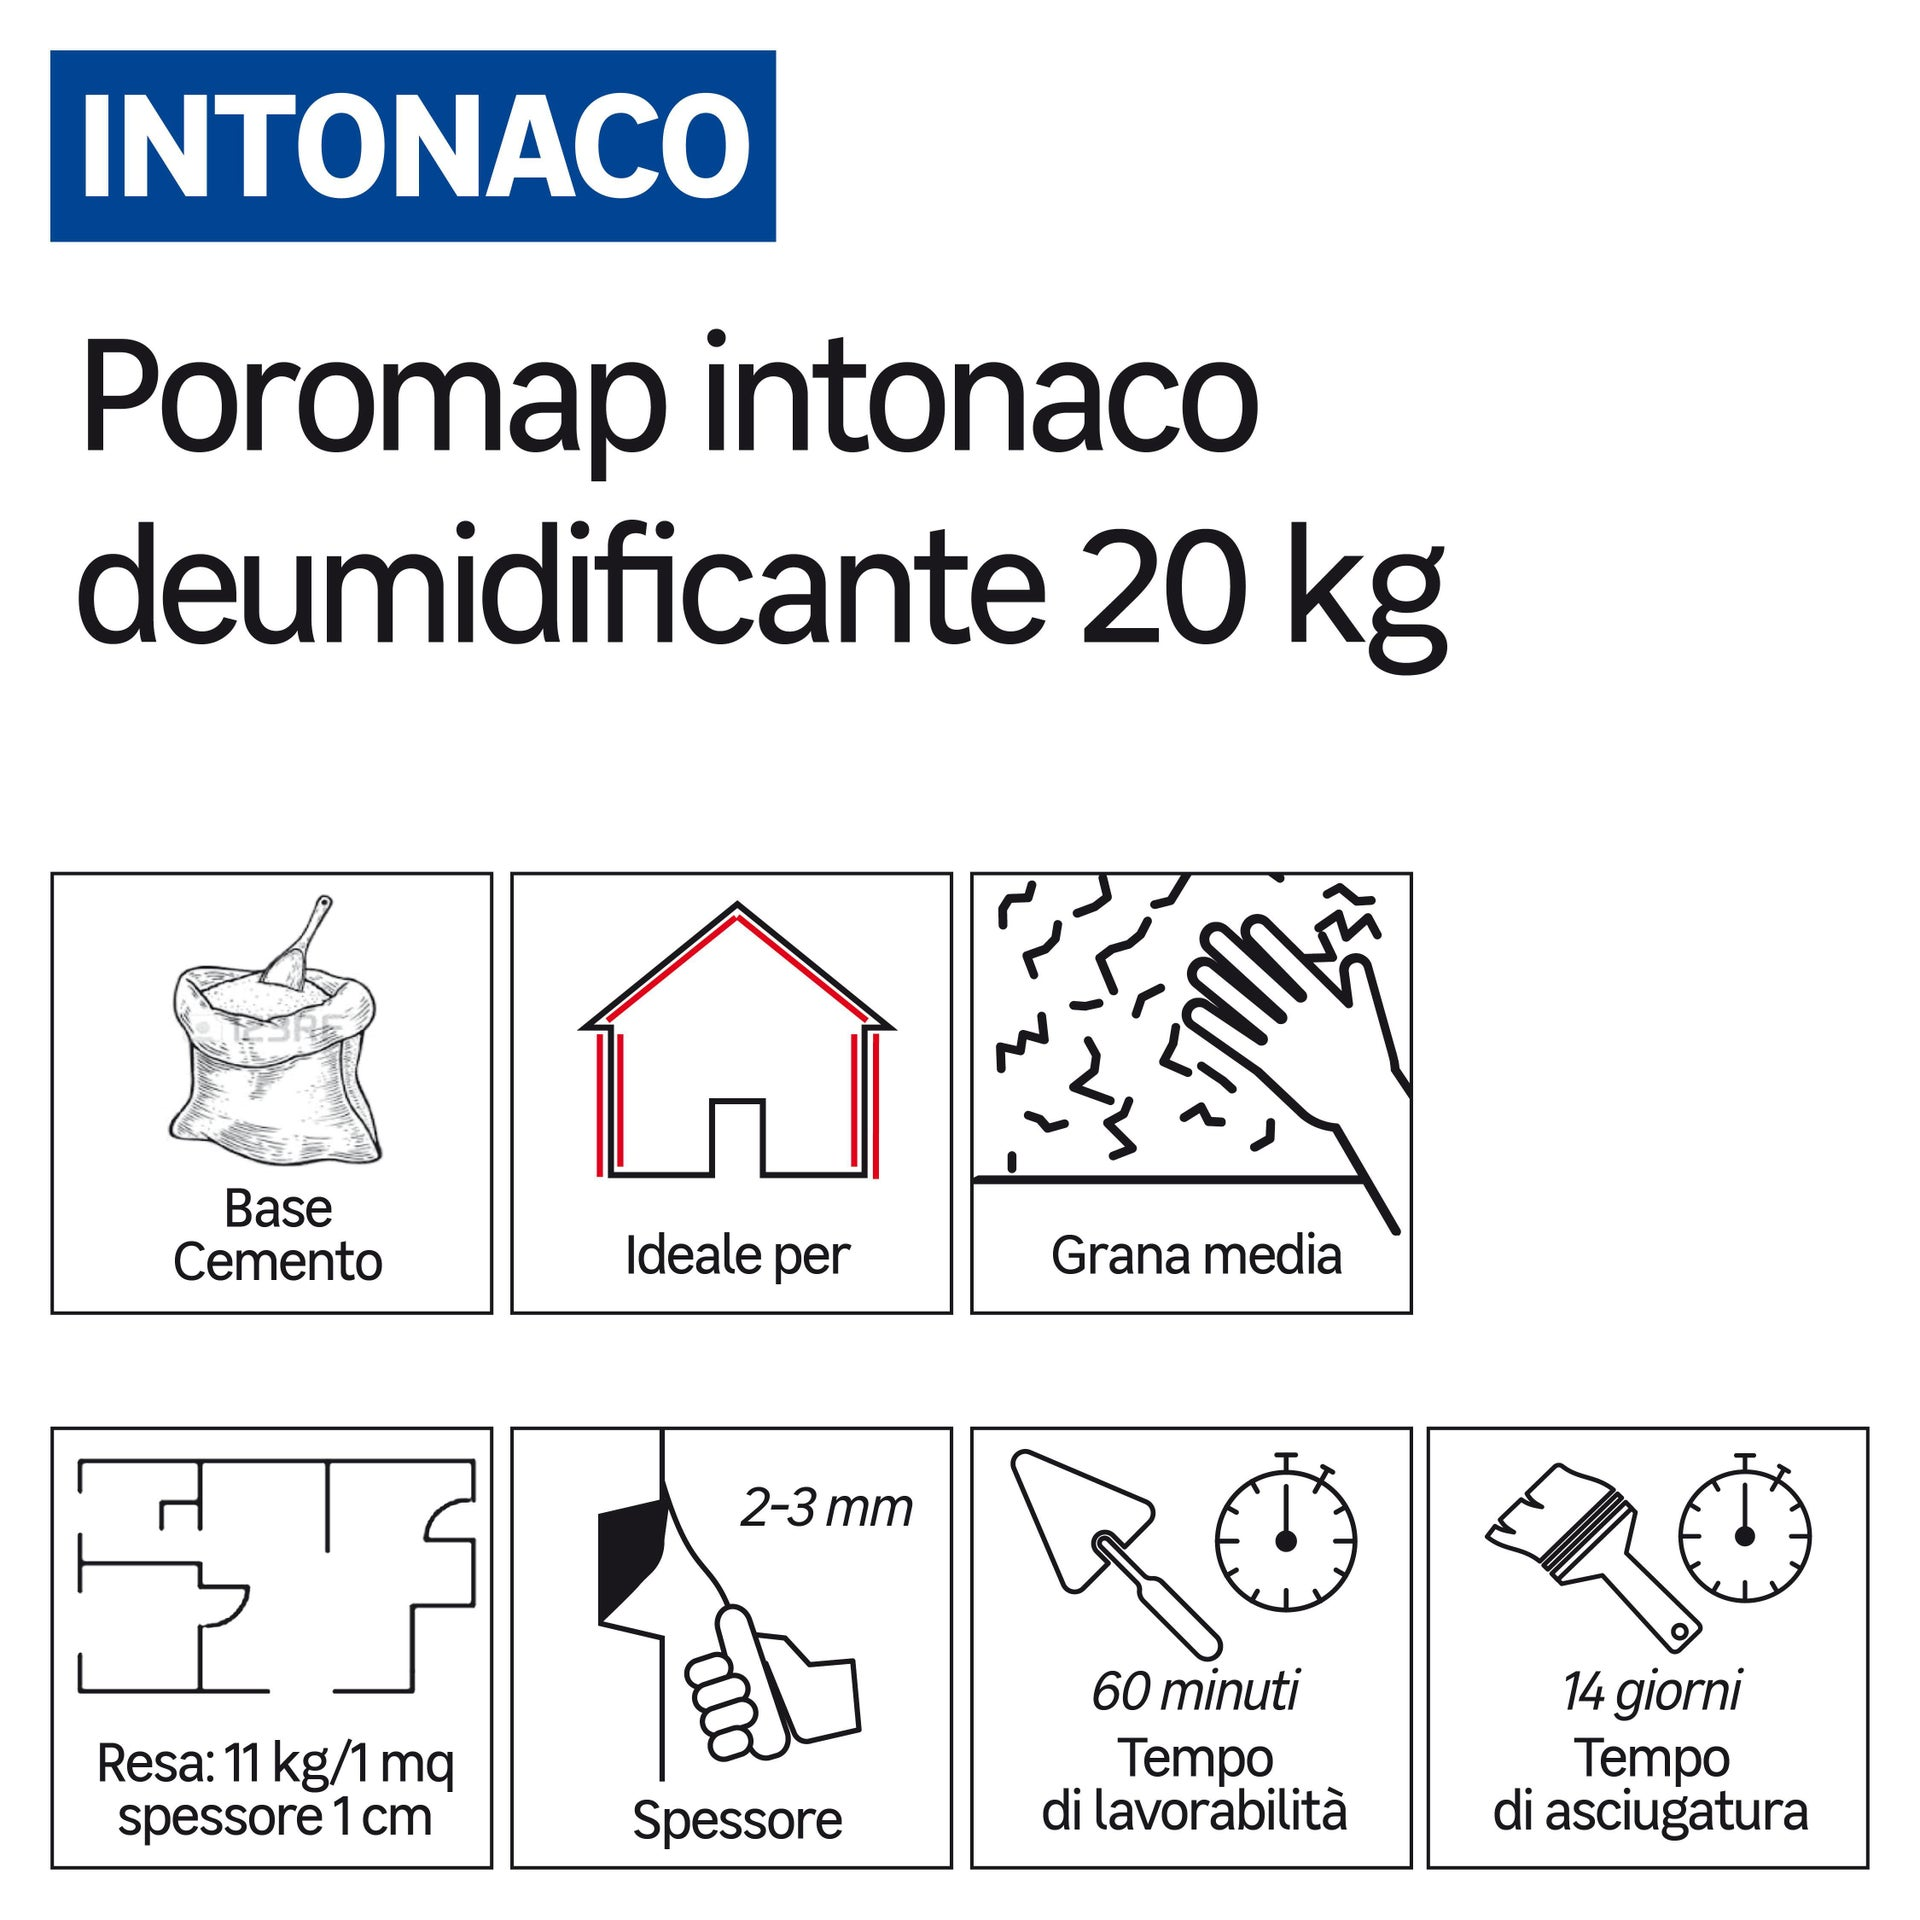 Intonaco Poromap deumidificante 20 kg - 2